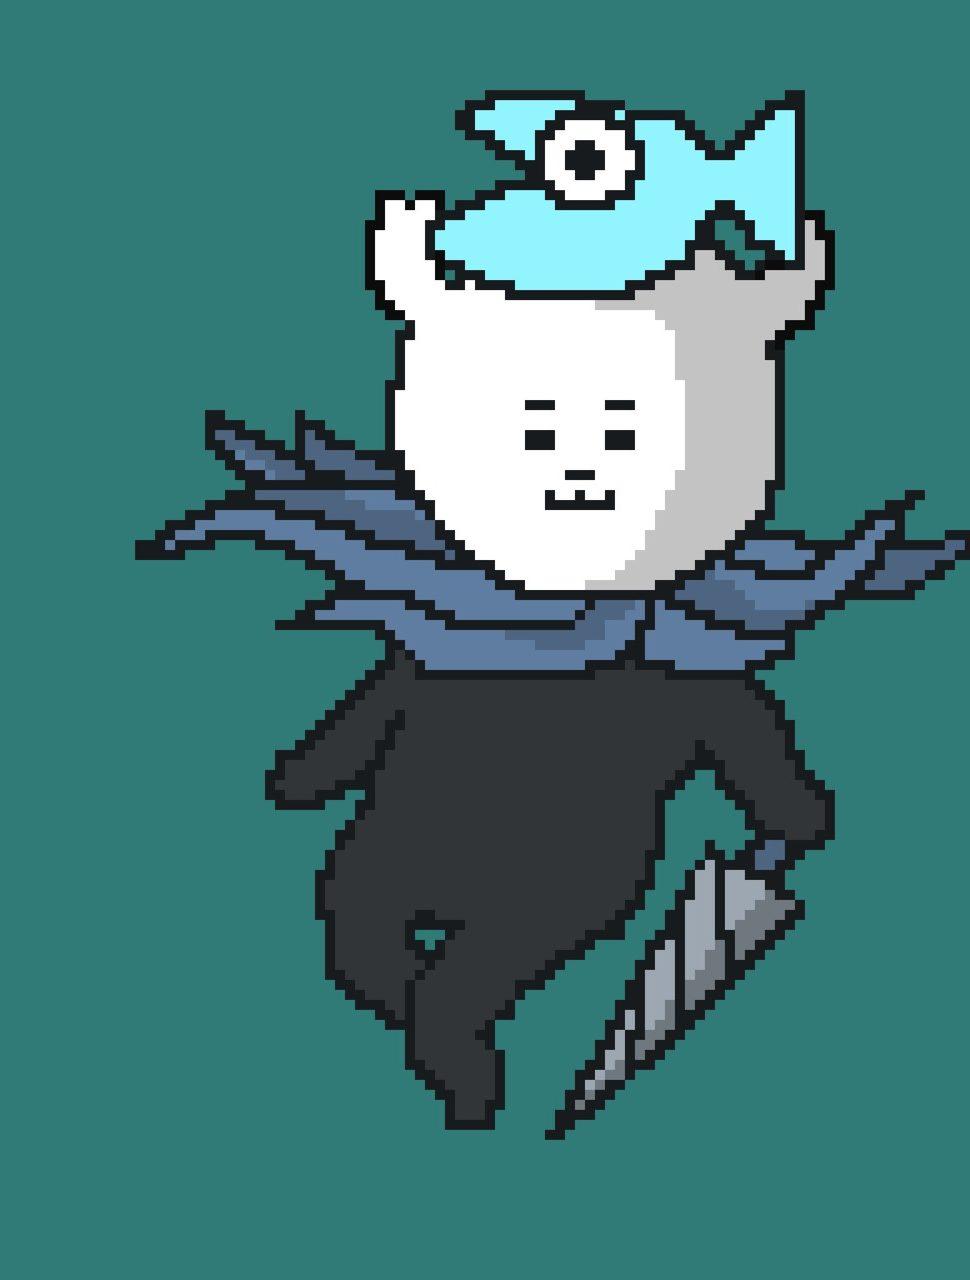 ホロウナイト主人公(小さな騎士)風のゲー吉